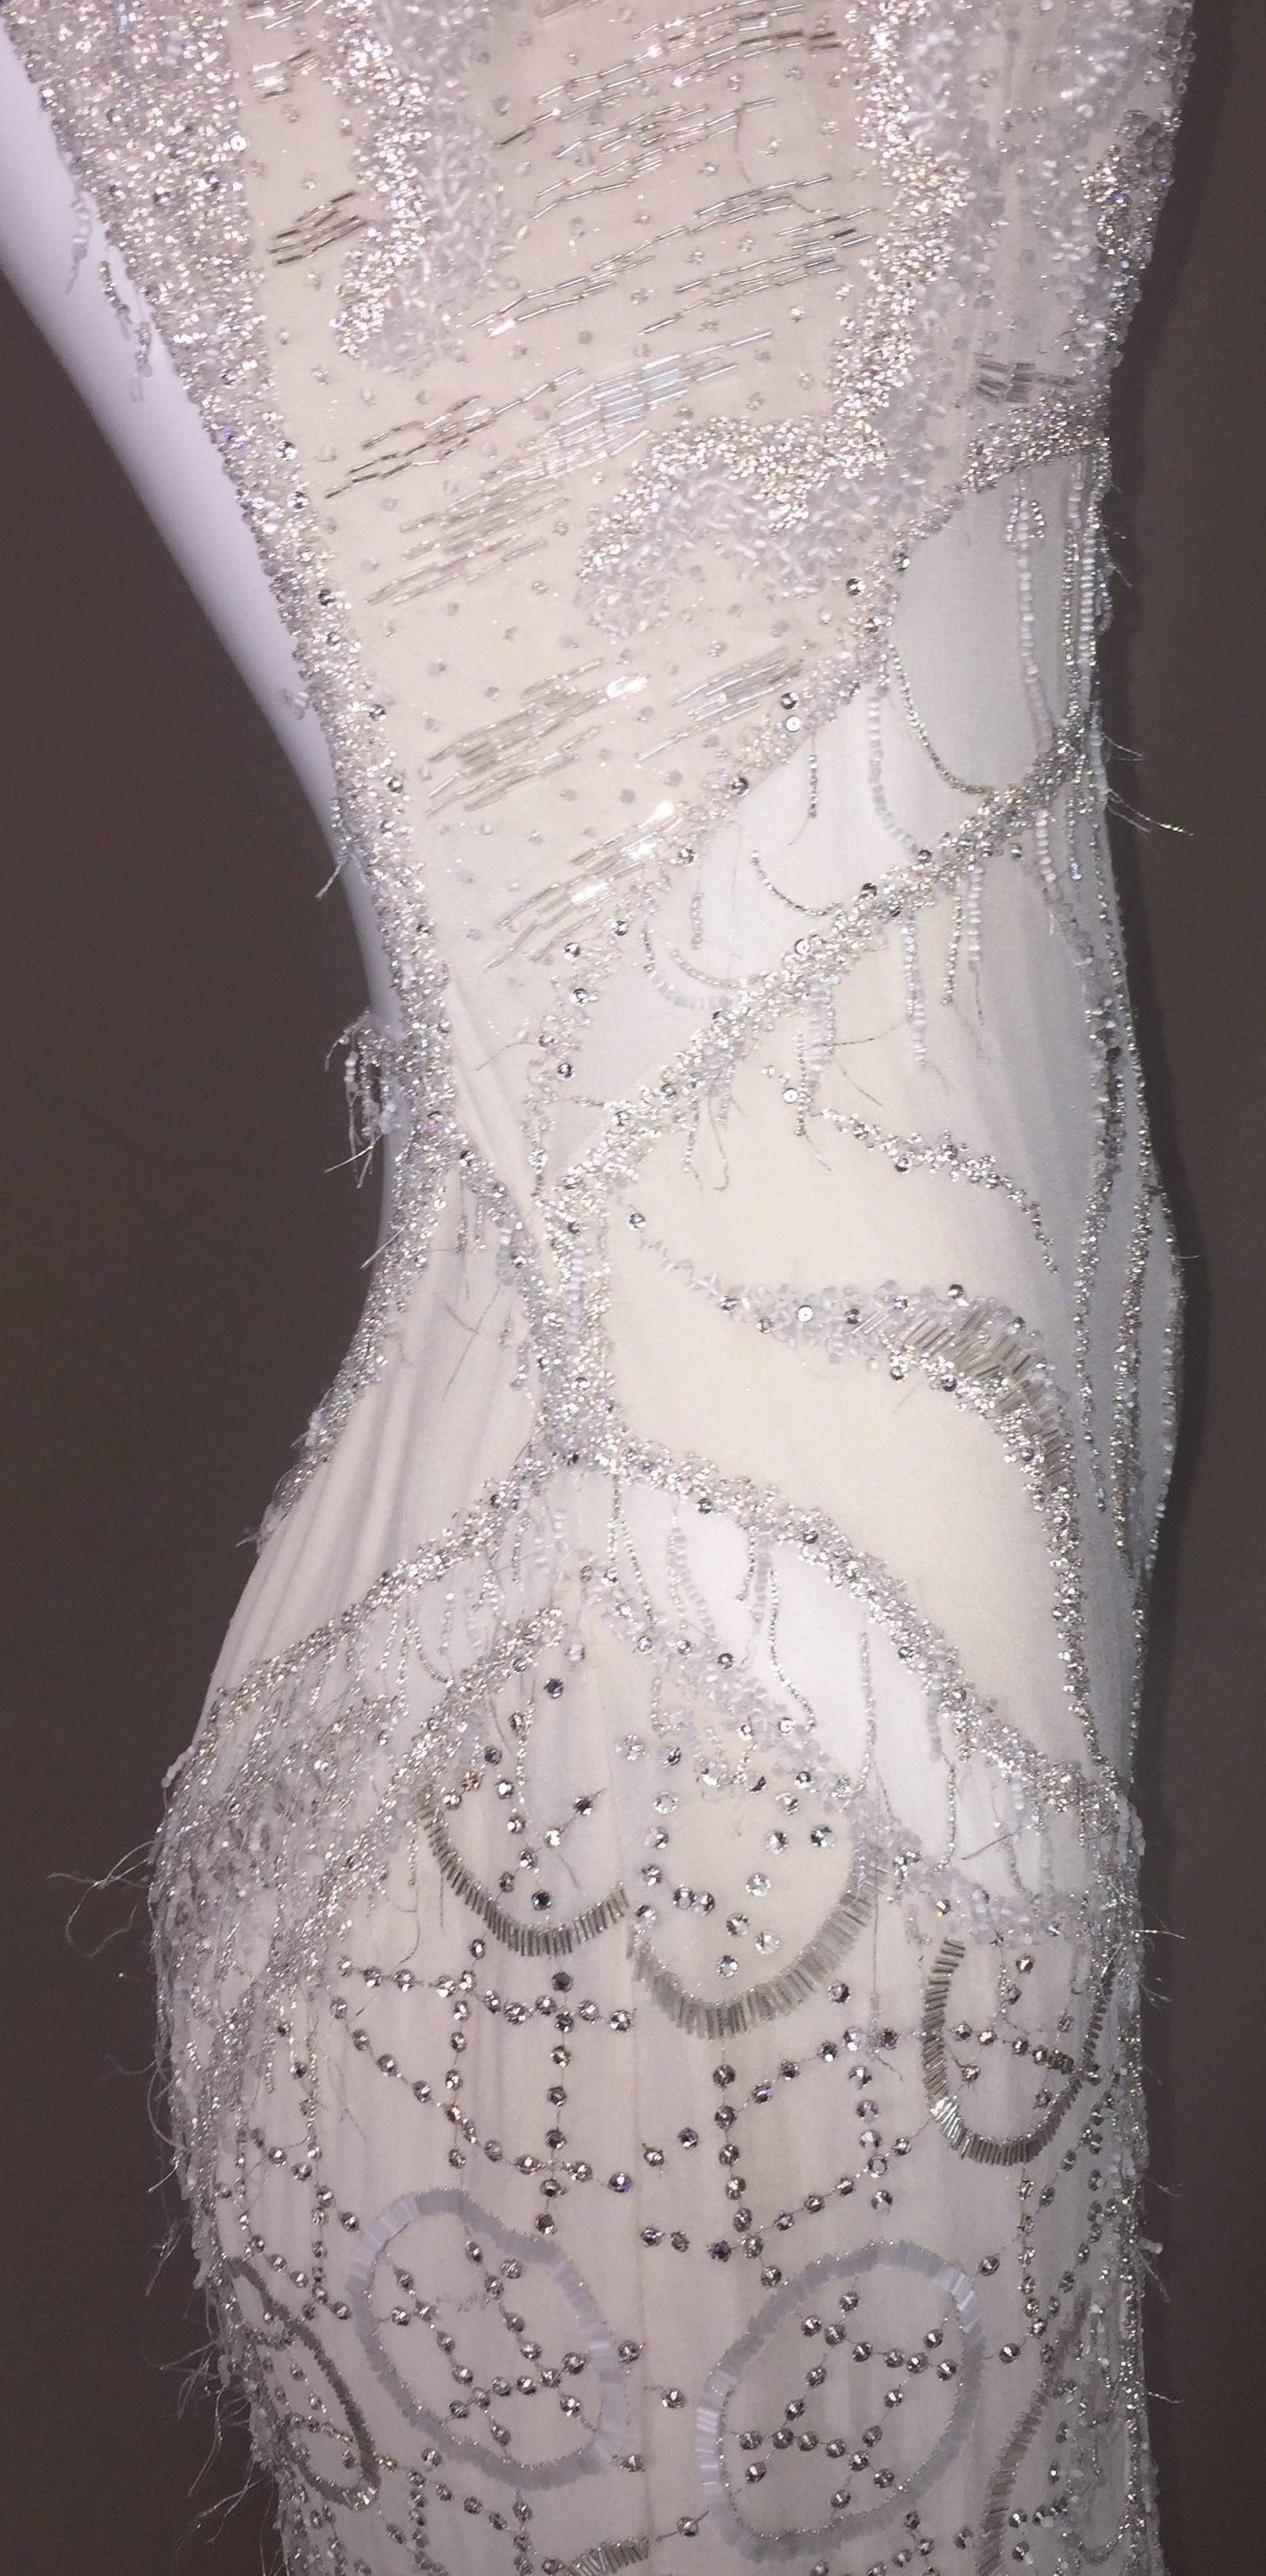 Atelier Versace Runway Sheer Ivory Bridal Wedding Beaded Gown Dress ...